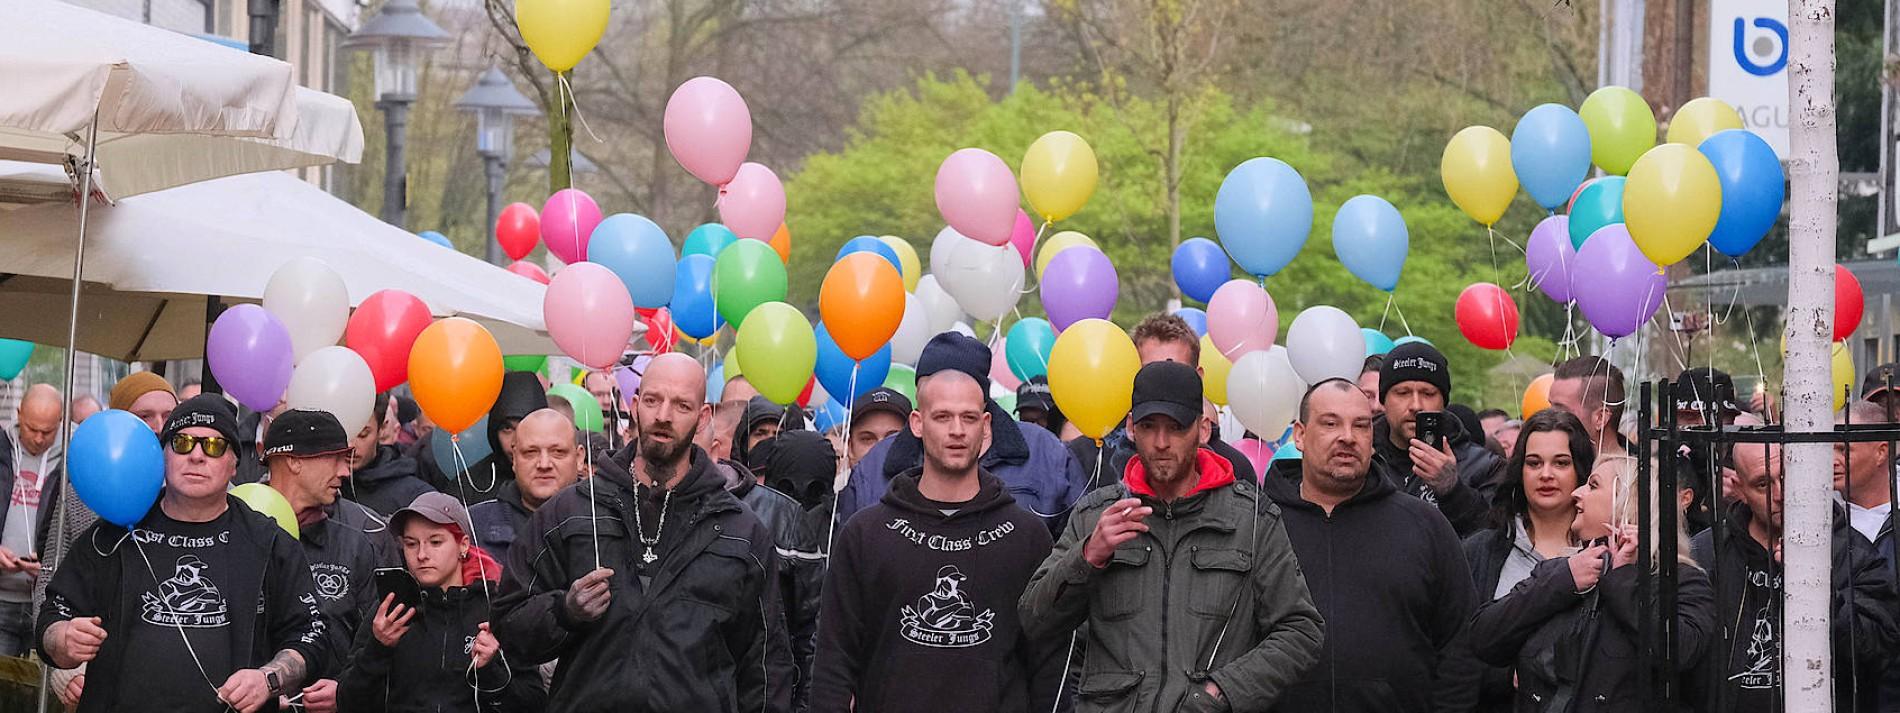 Eine Bürgerwehr von Rechtsextremen, Hooligans und Rockern